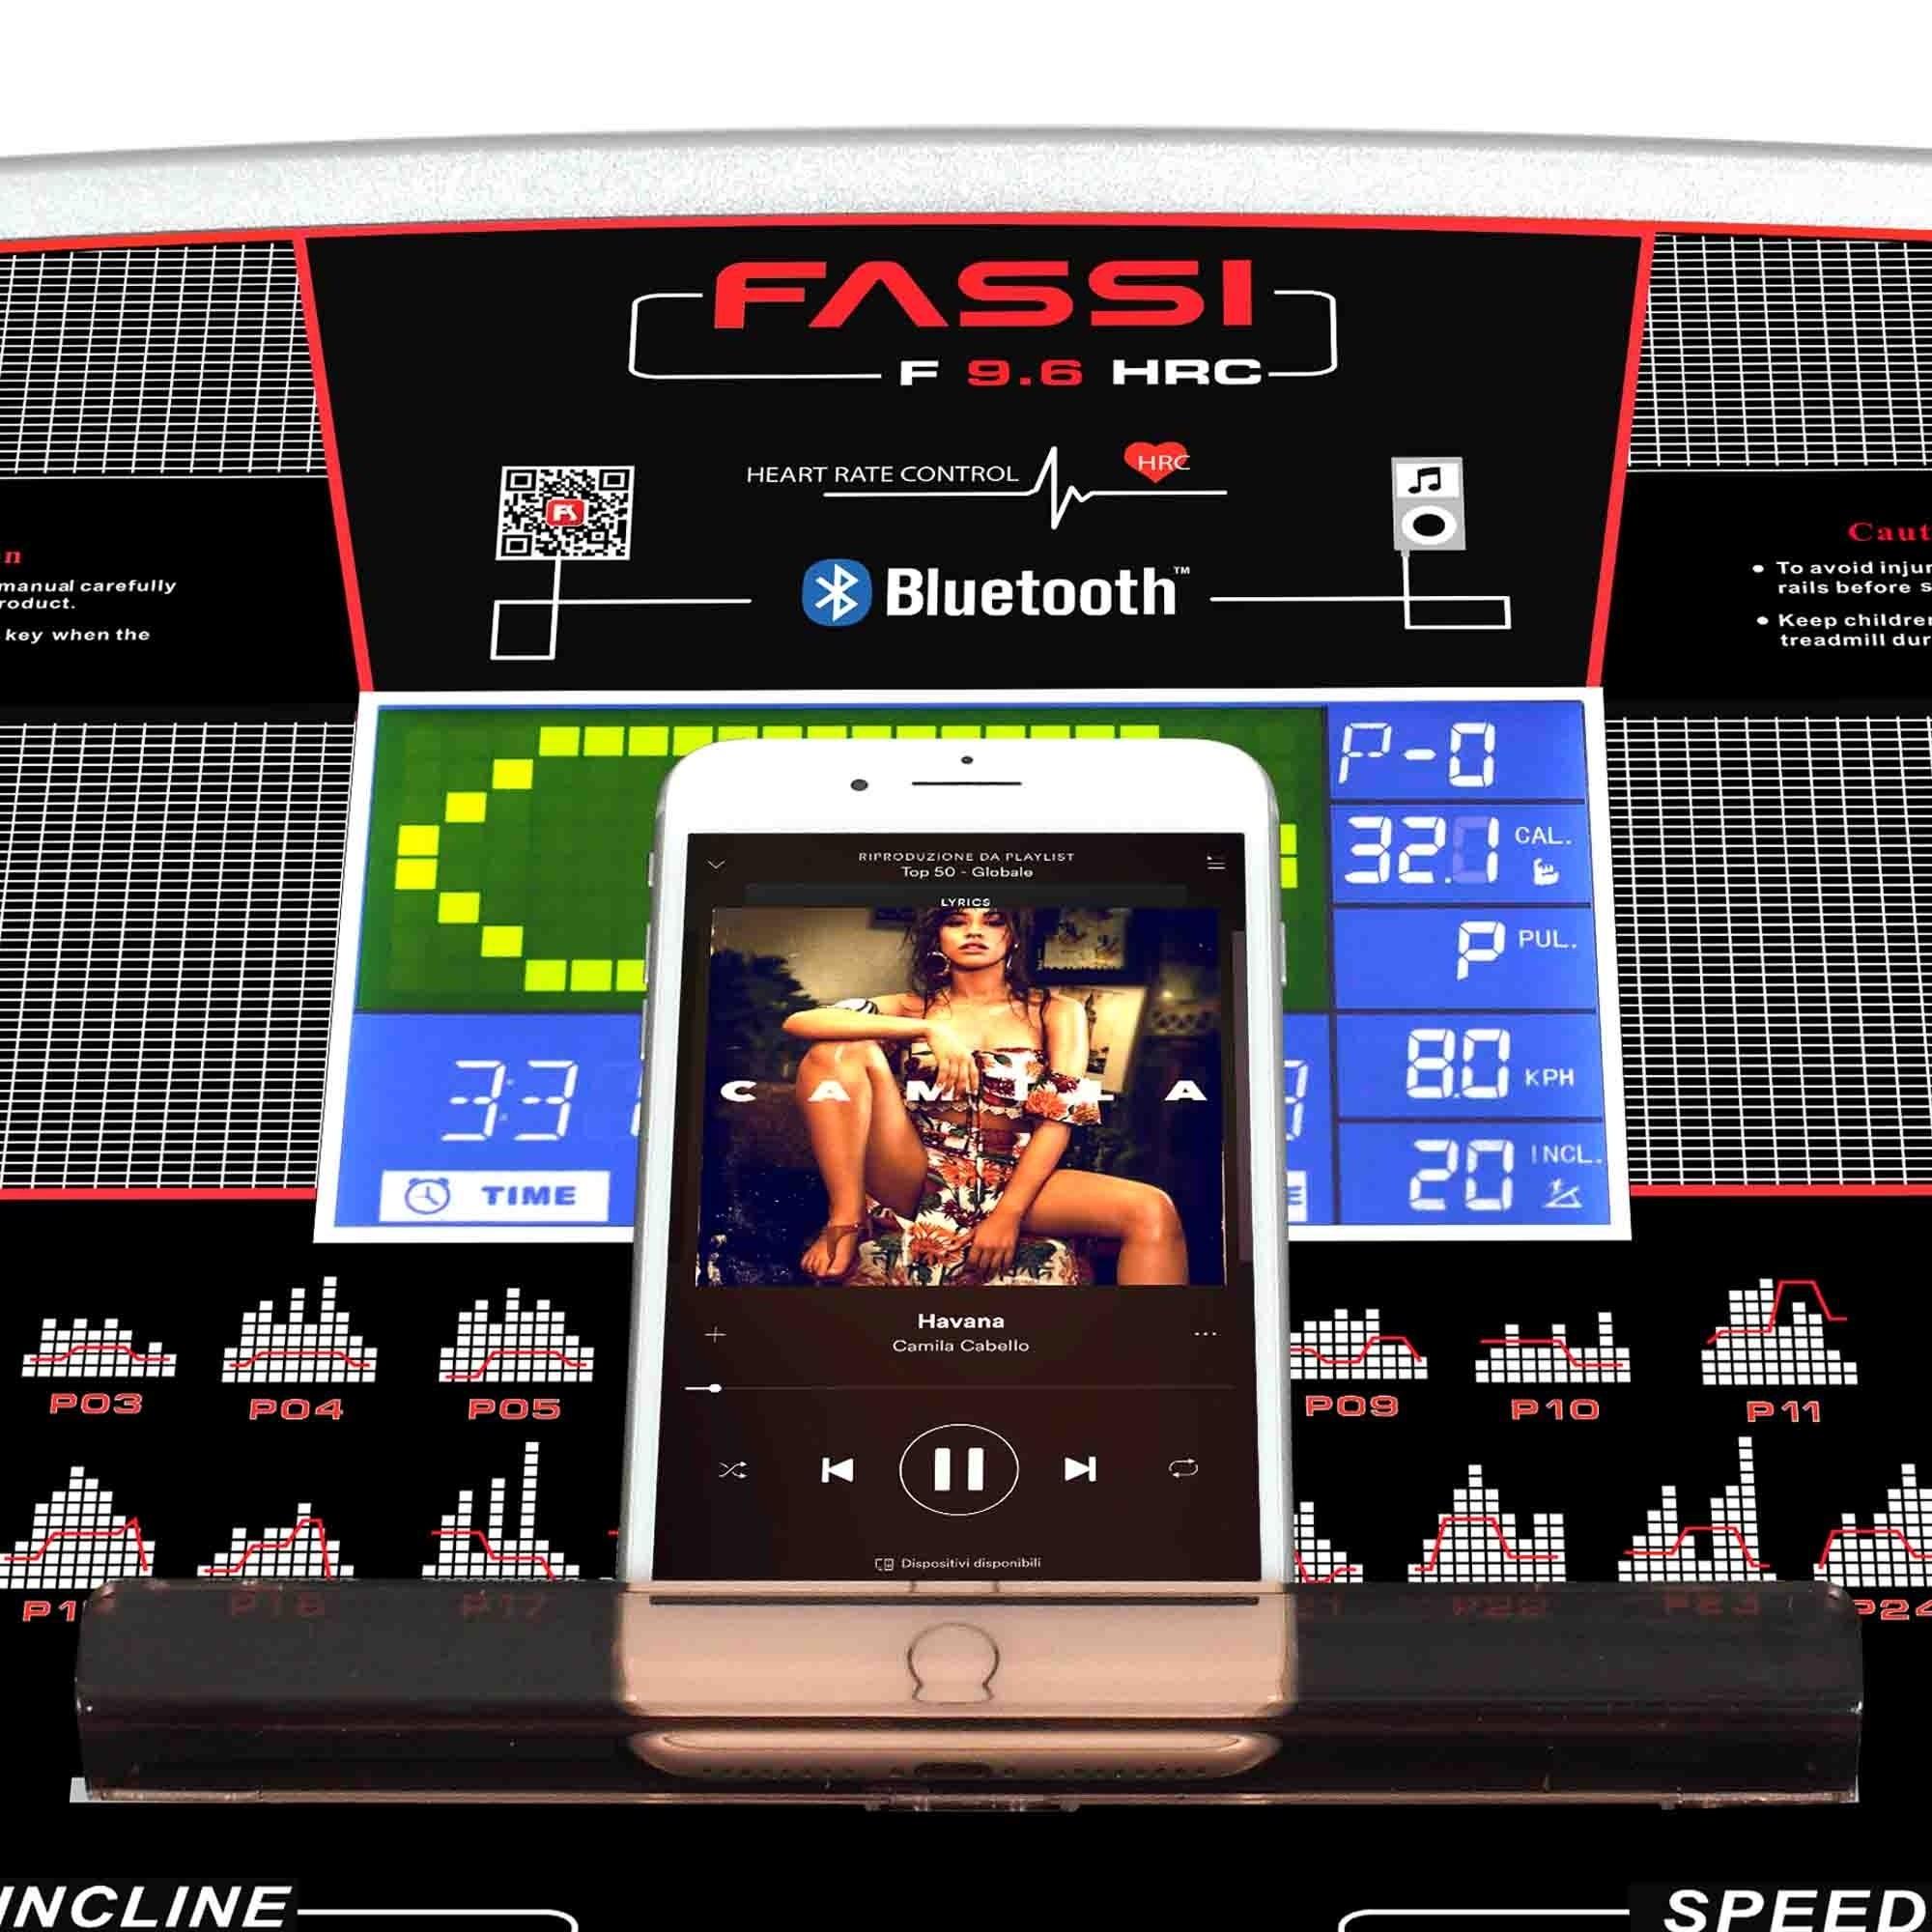 Rimani in forma con Tapis roulant Fassi F 9.6 Hrc